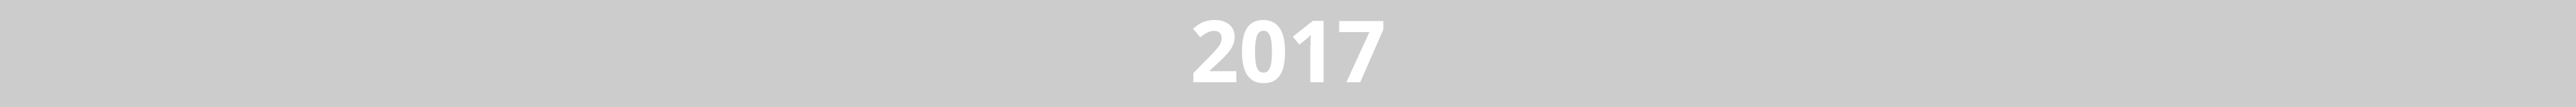 awards2017.jpg